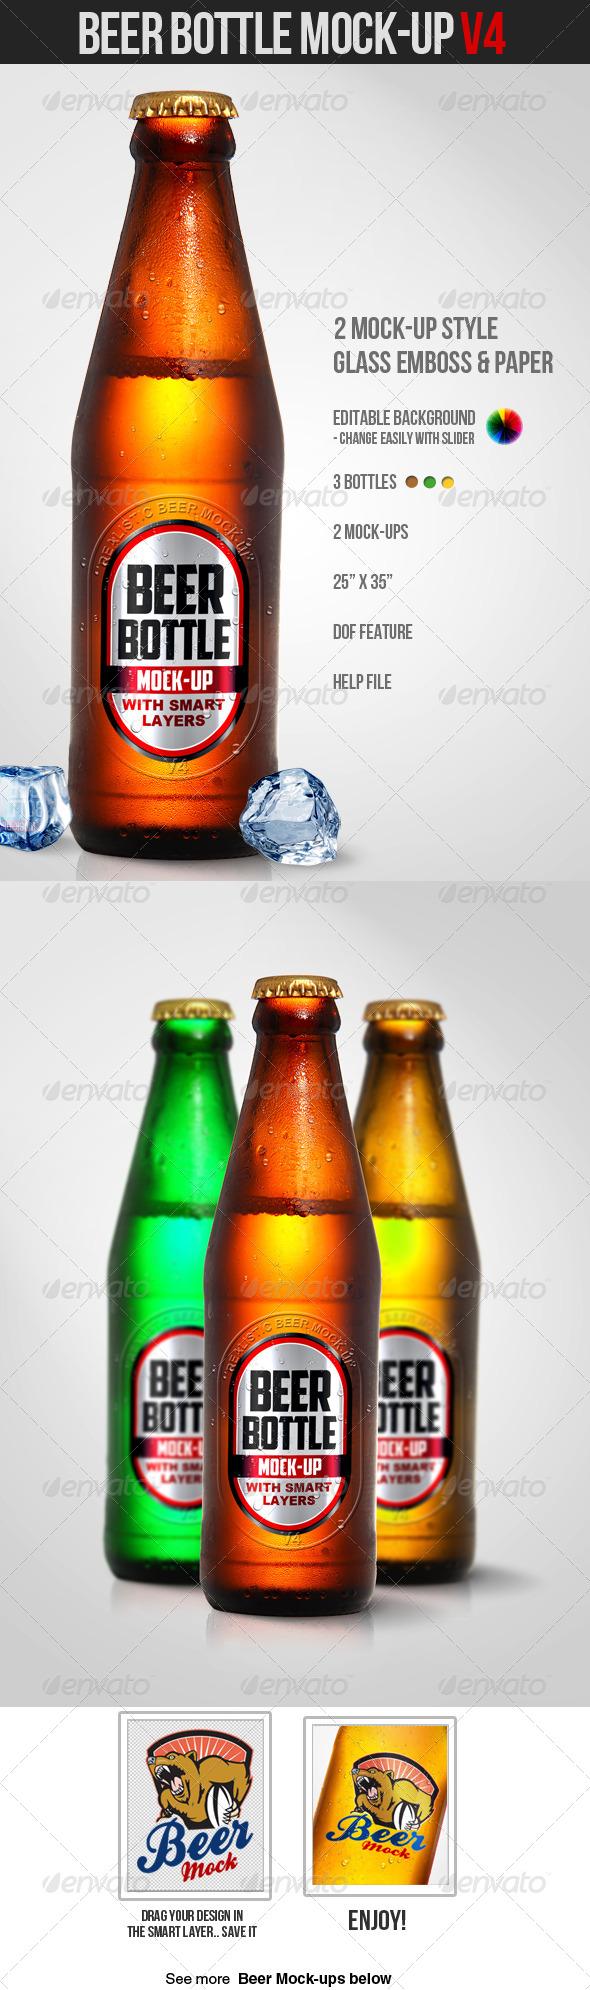 Beer Bottle Mock-Up V4